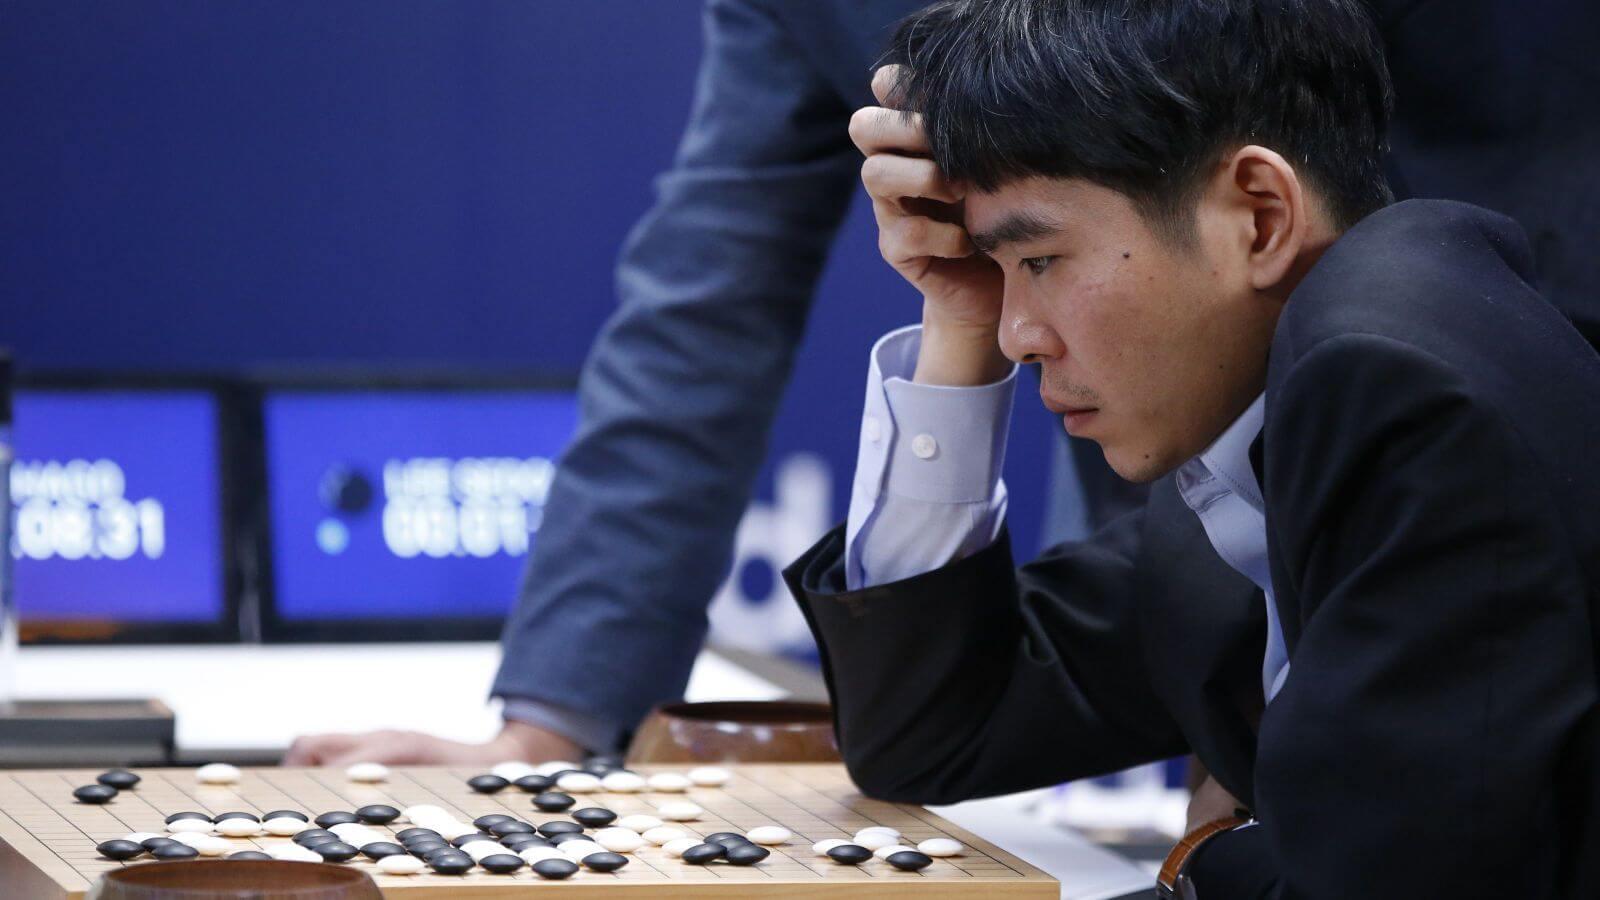 Lee Sedol w starciu z AlphaGo